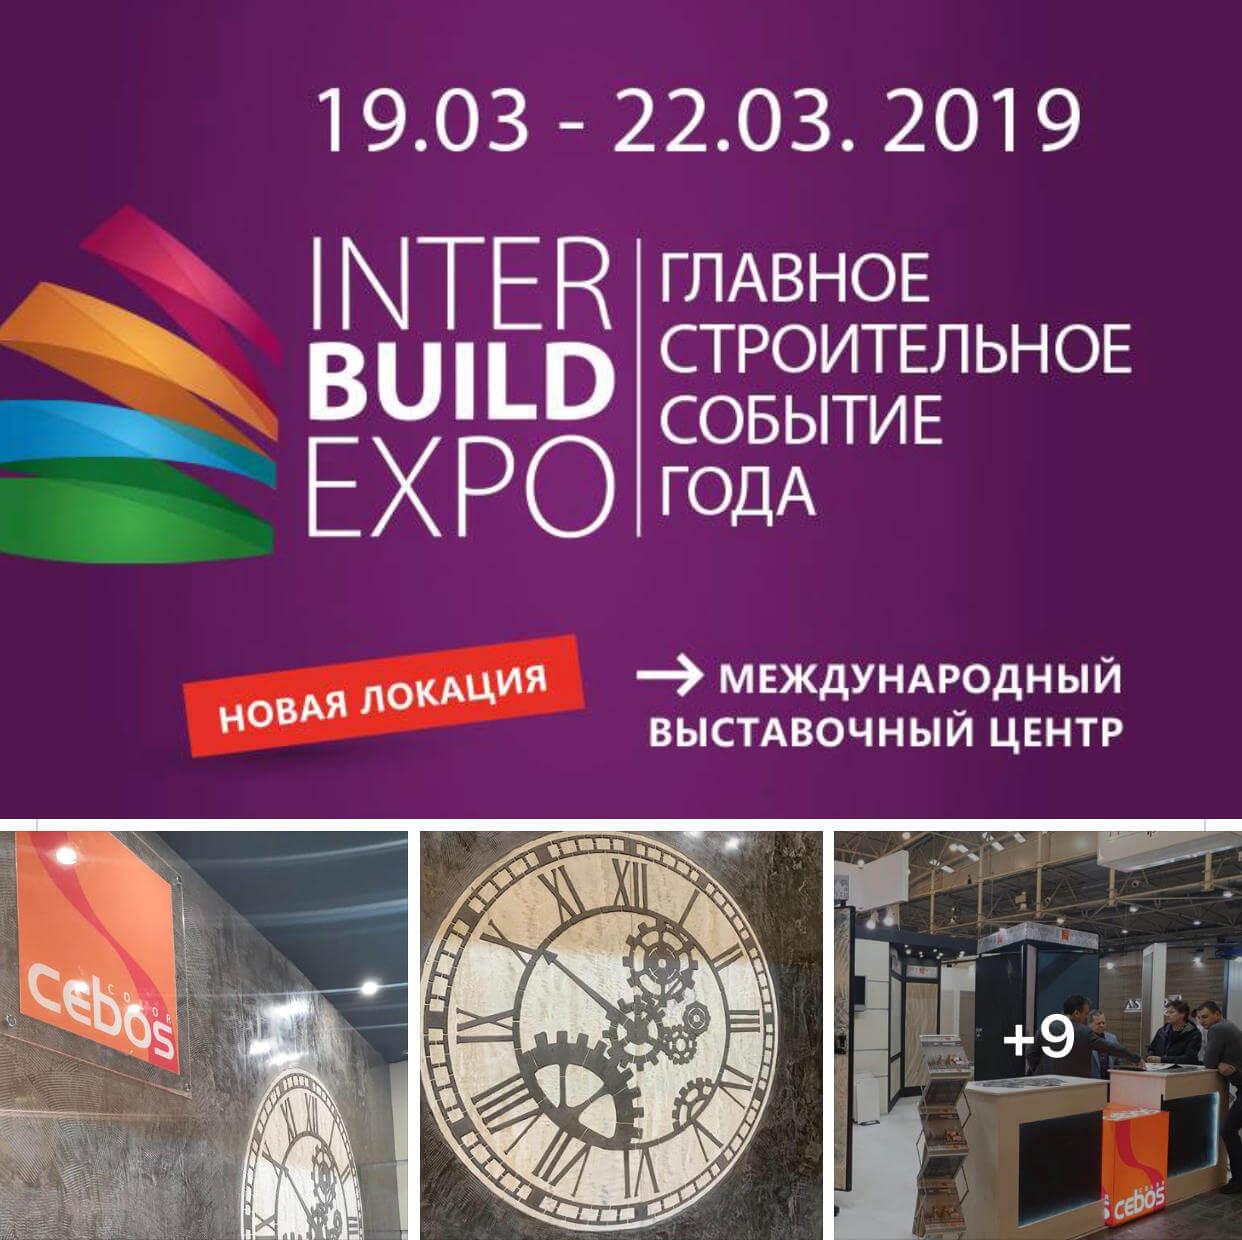 Выставка InterBuildExpo 2019 декоративных штукатурок и красок. Киев. 19-23 марта 2019 ТМ Cebos Color